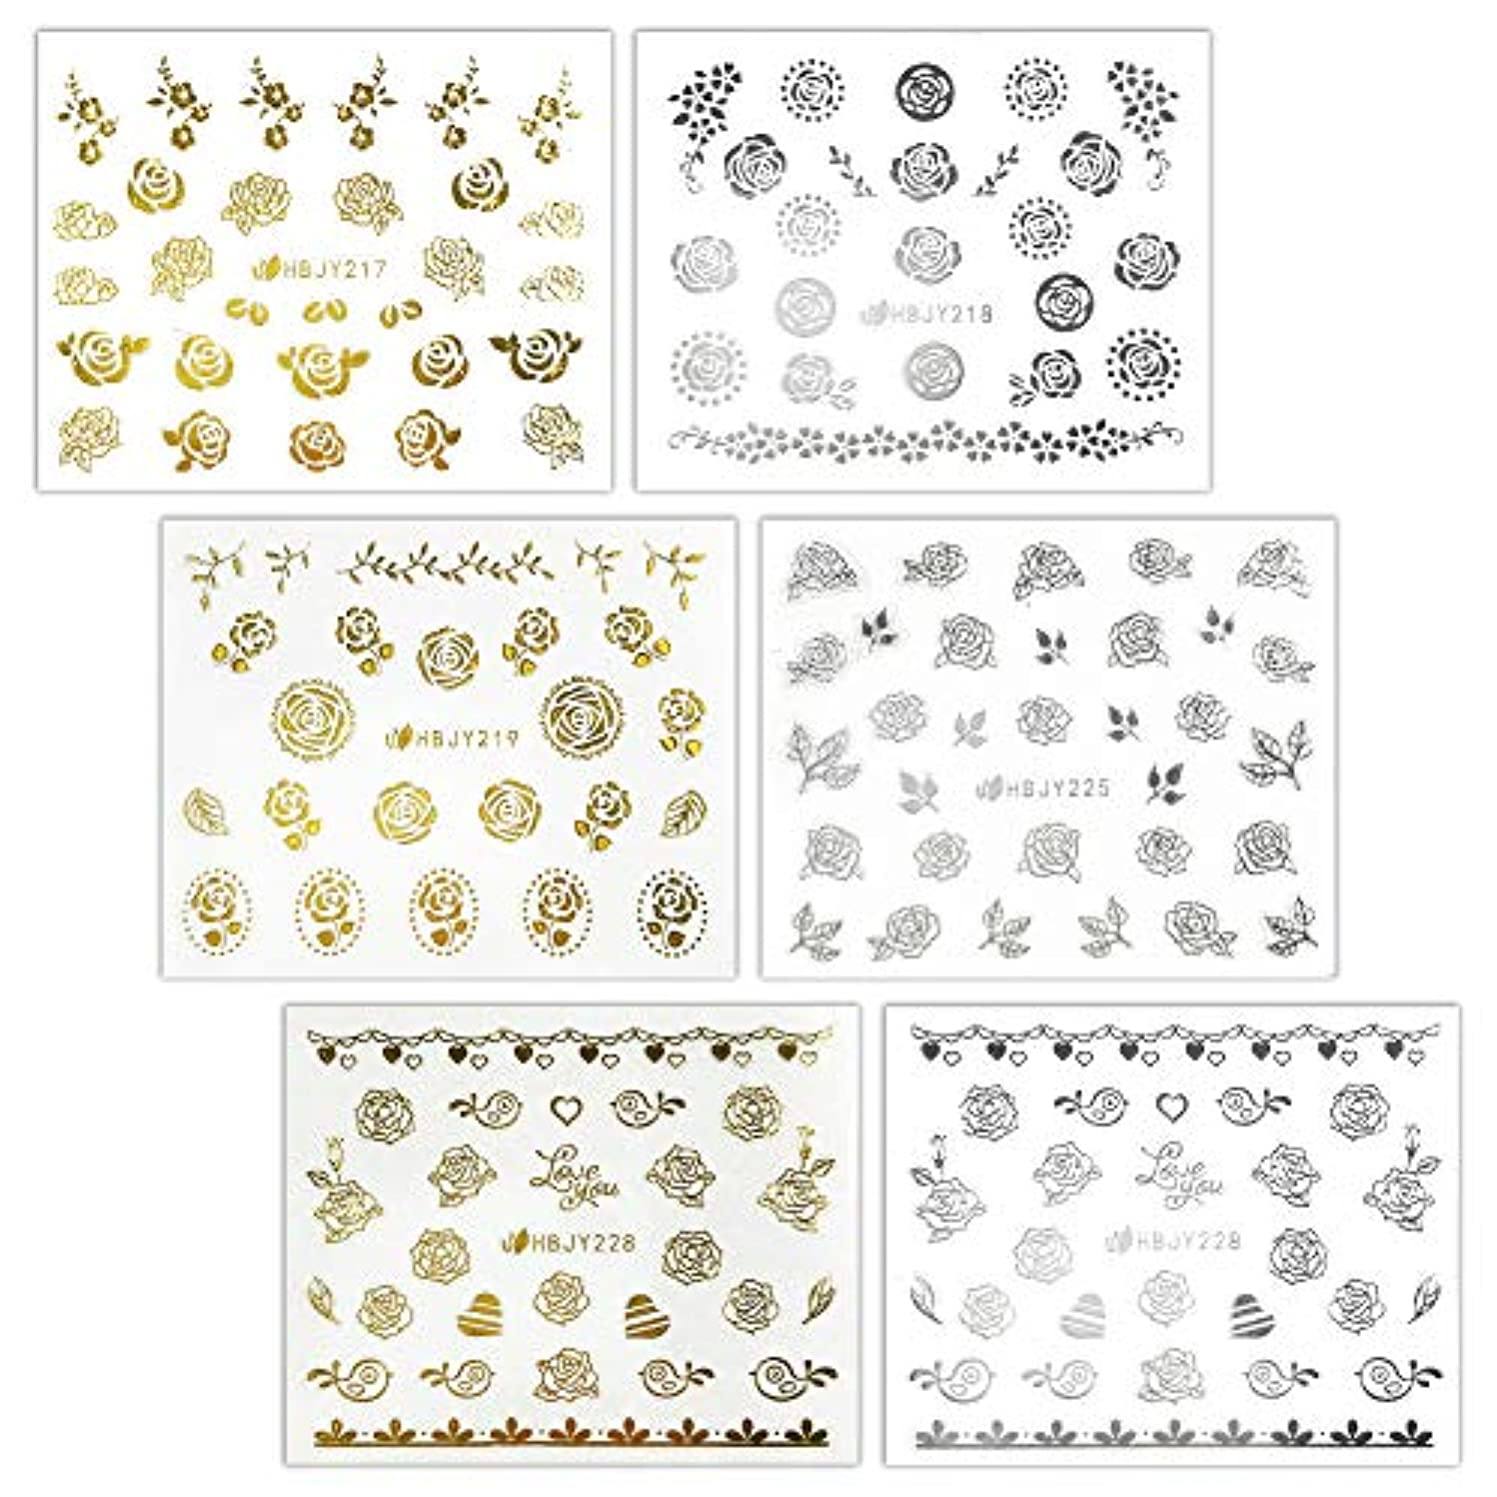 実用的不足姪【リュミエラ】6枚セット レジン ネイル シールJ【3種類×2色 各1枚】ゴールド シルバー いろんなバラ ネイルにも!